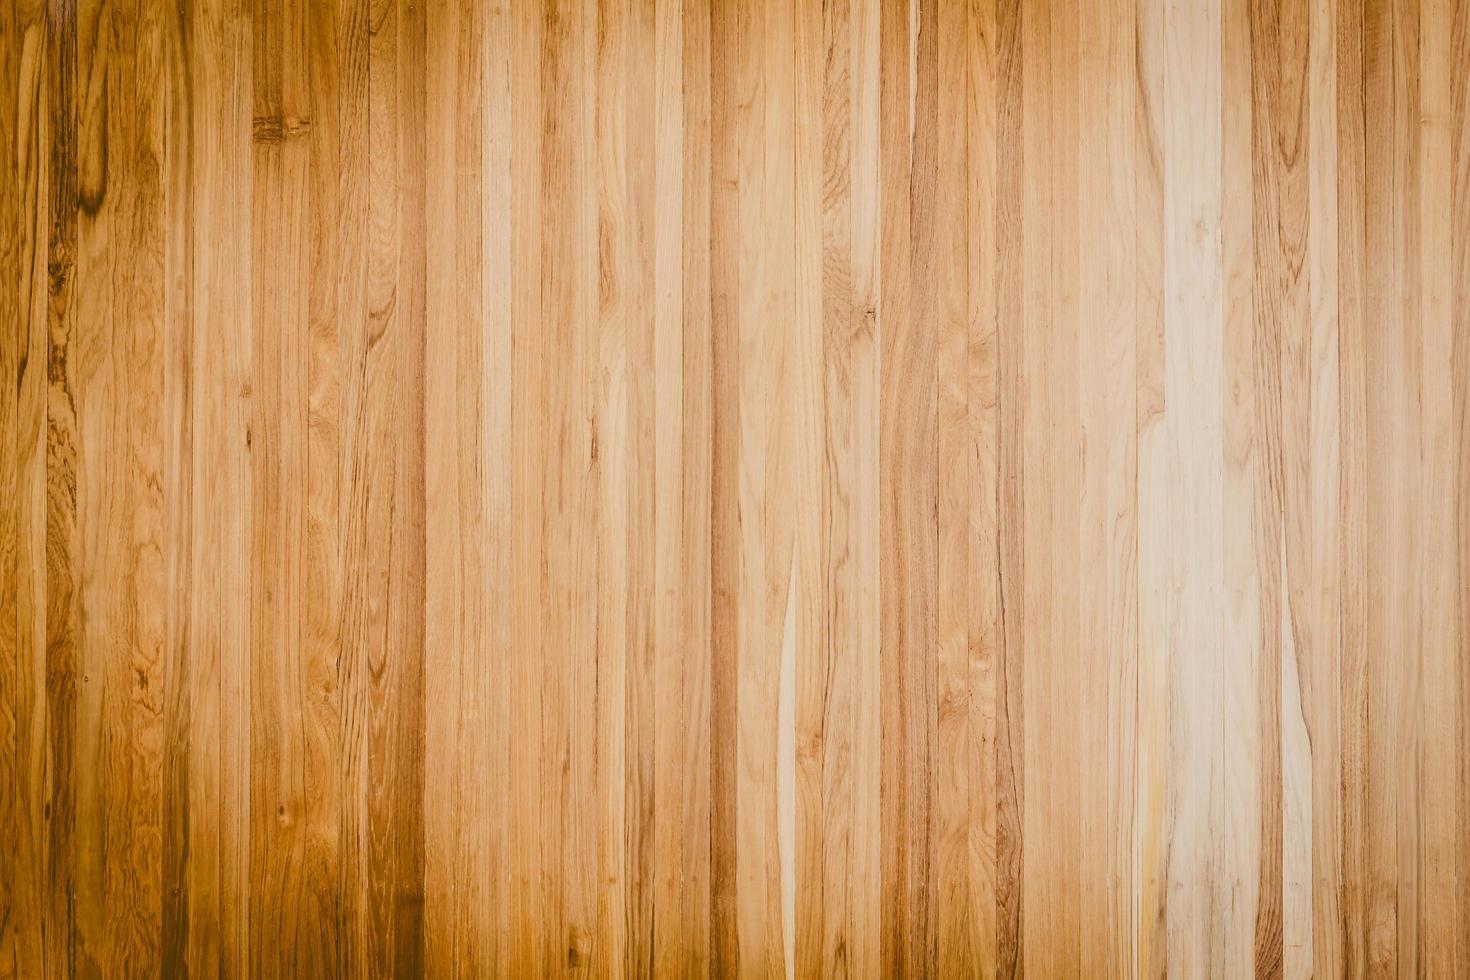 houten textuur voor achtergrond foto